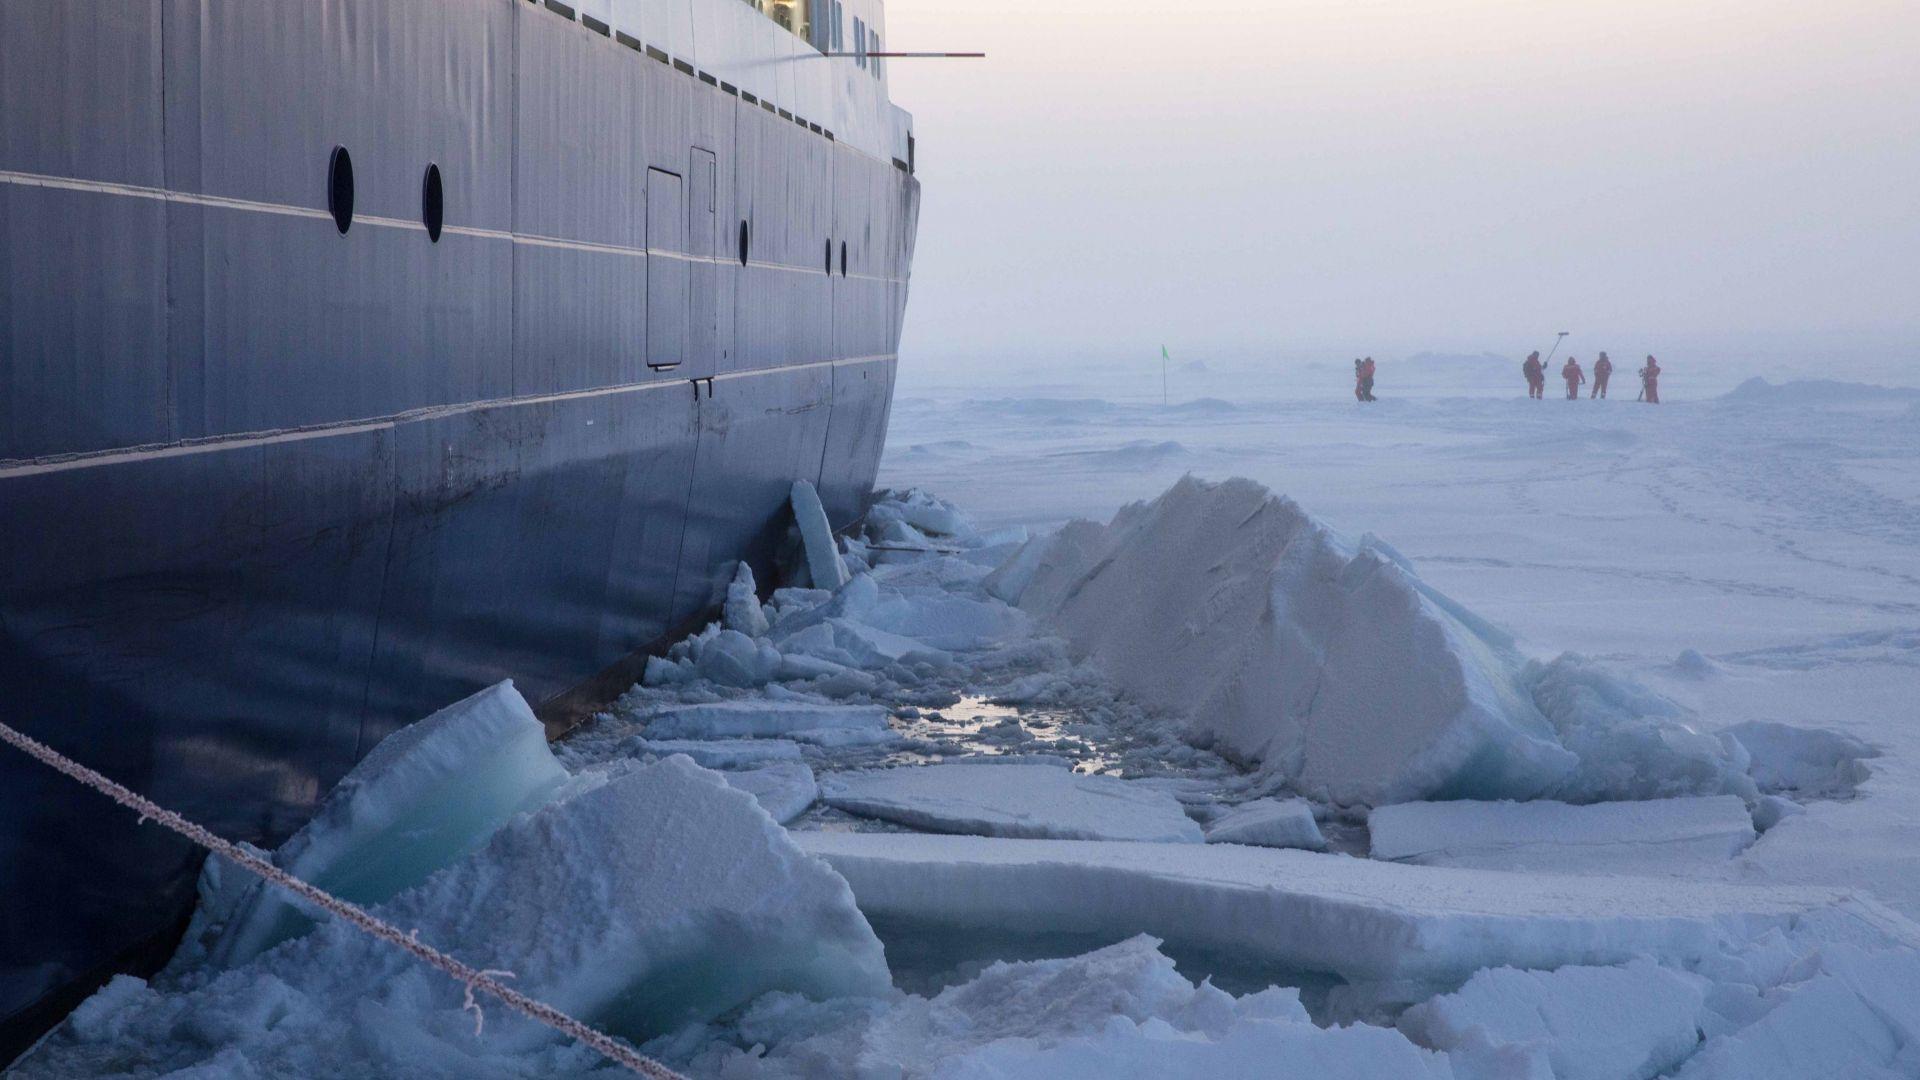 Коронавирус зарази член на арктическа експедиция в ледовете до Северния полюс